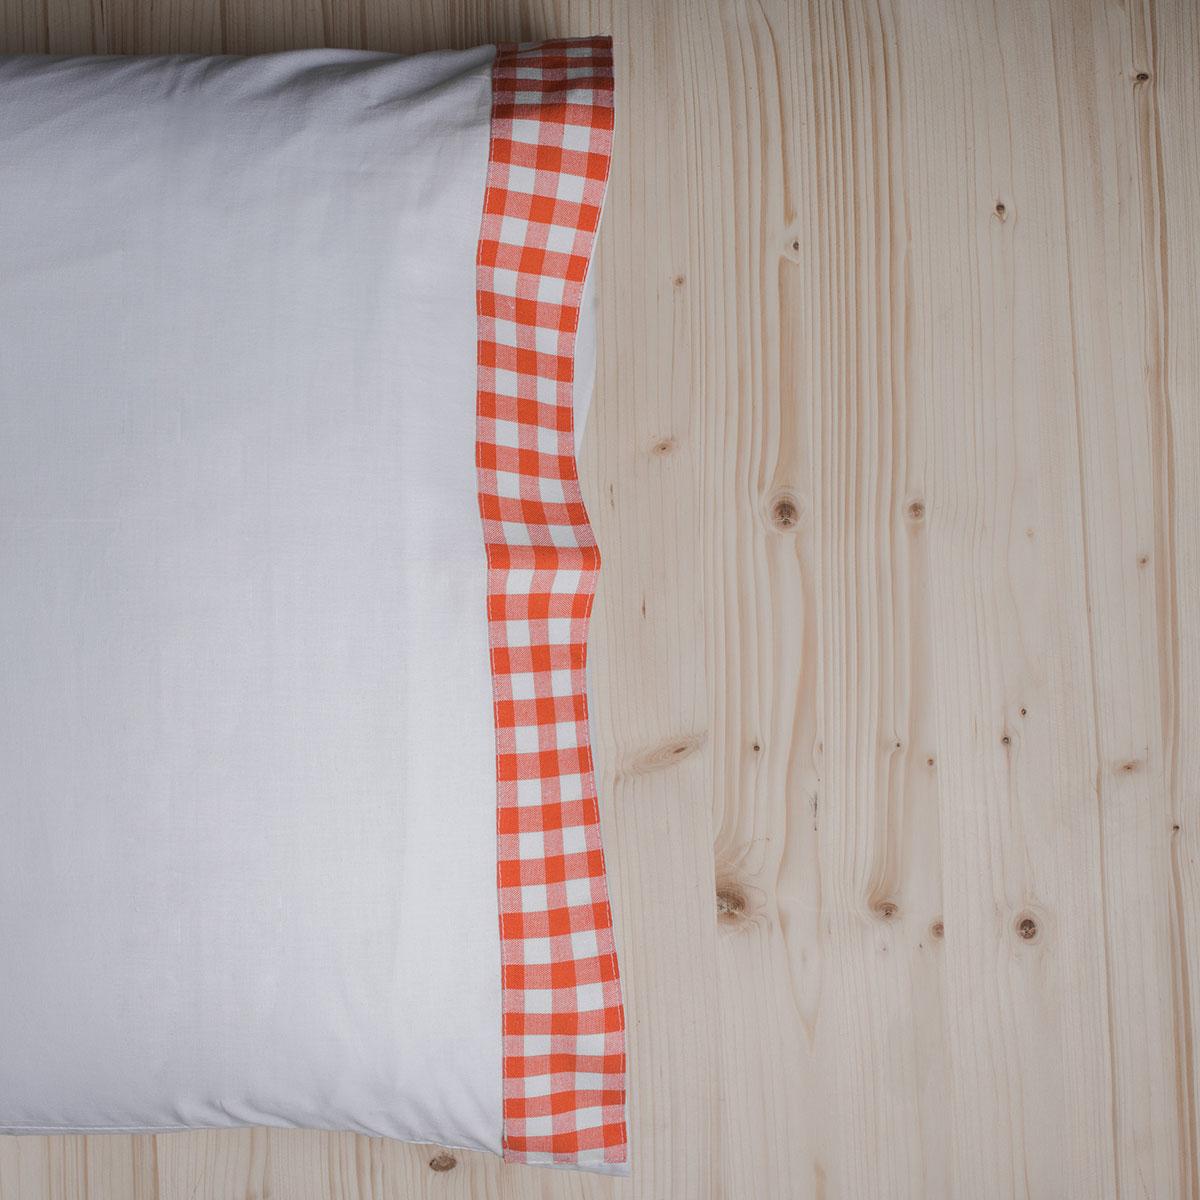 Ζεύγος Μαξιλαροθήκες White Fabric Gingham Orange